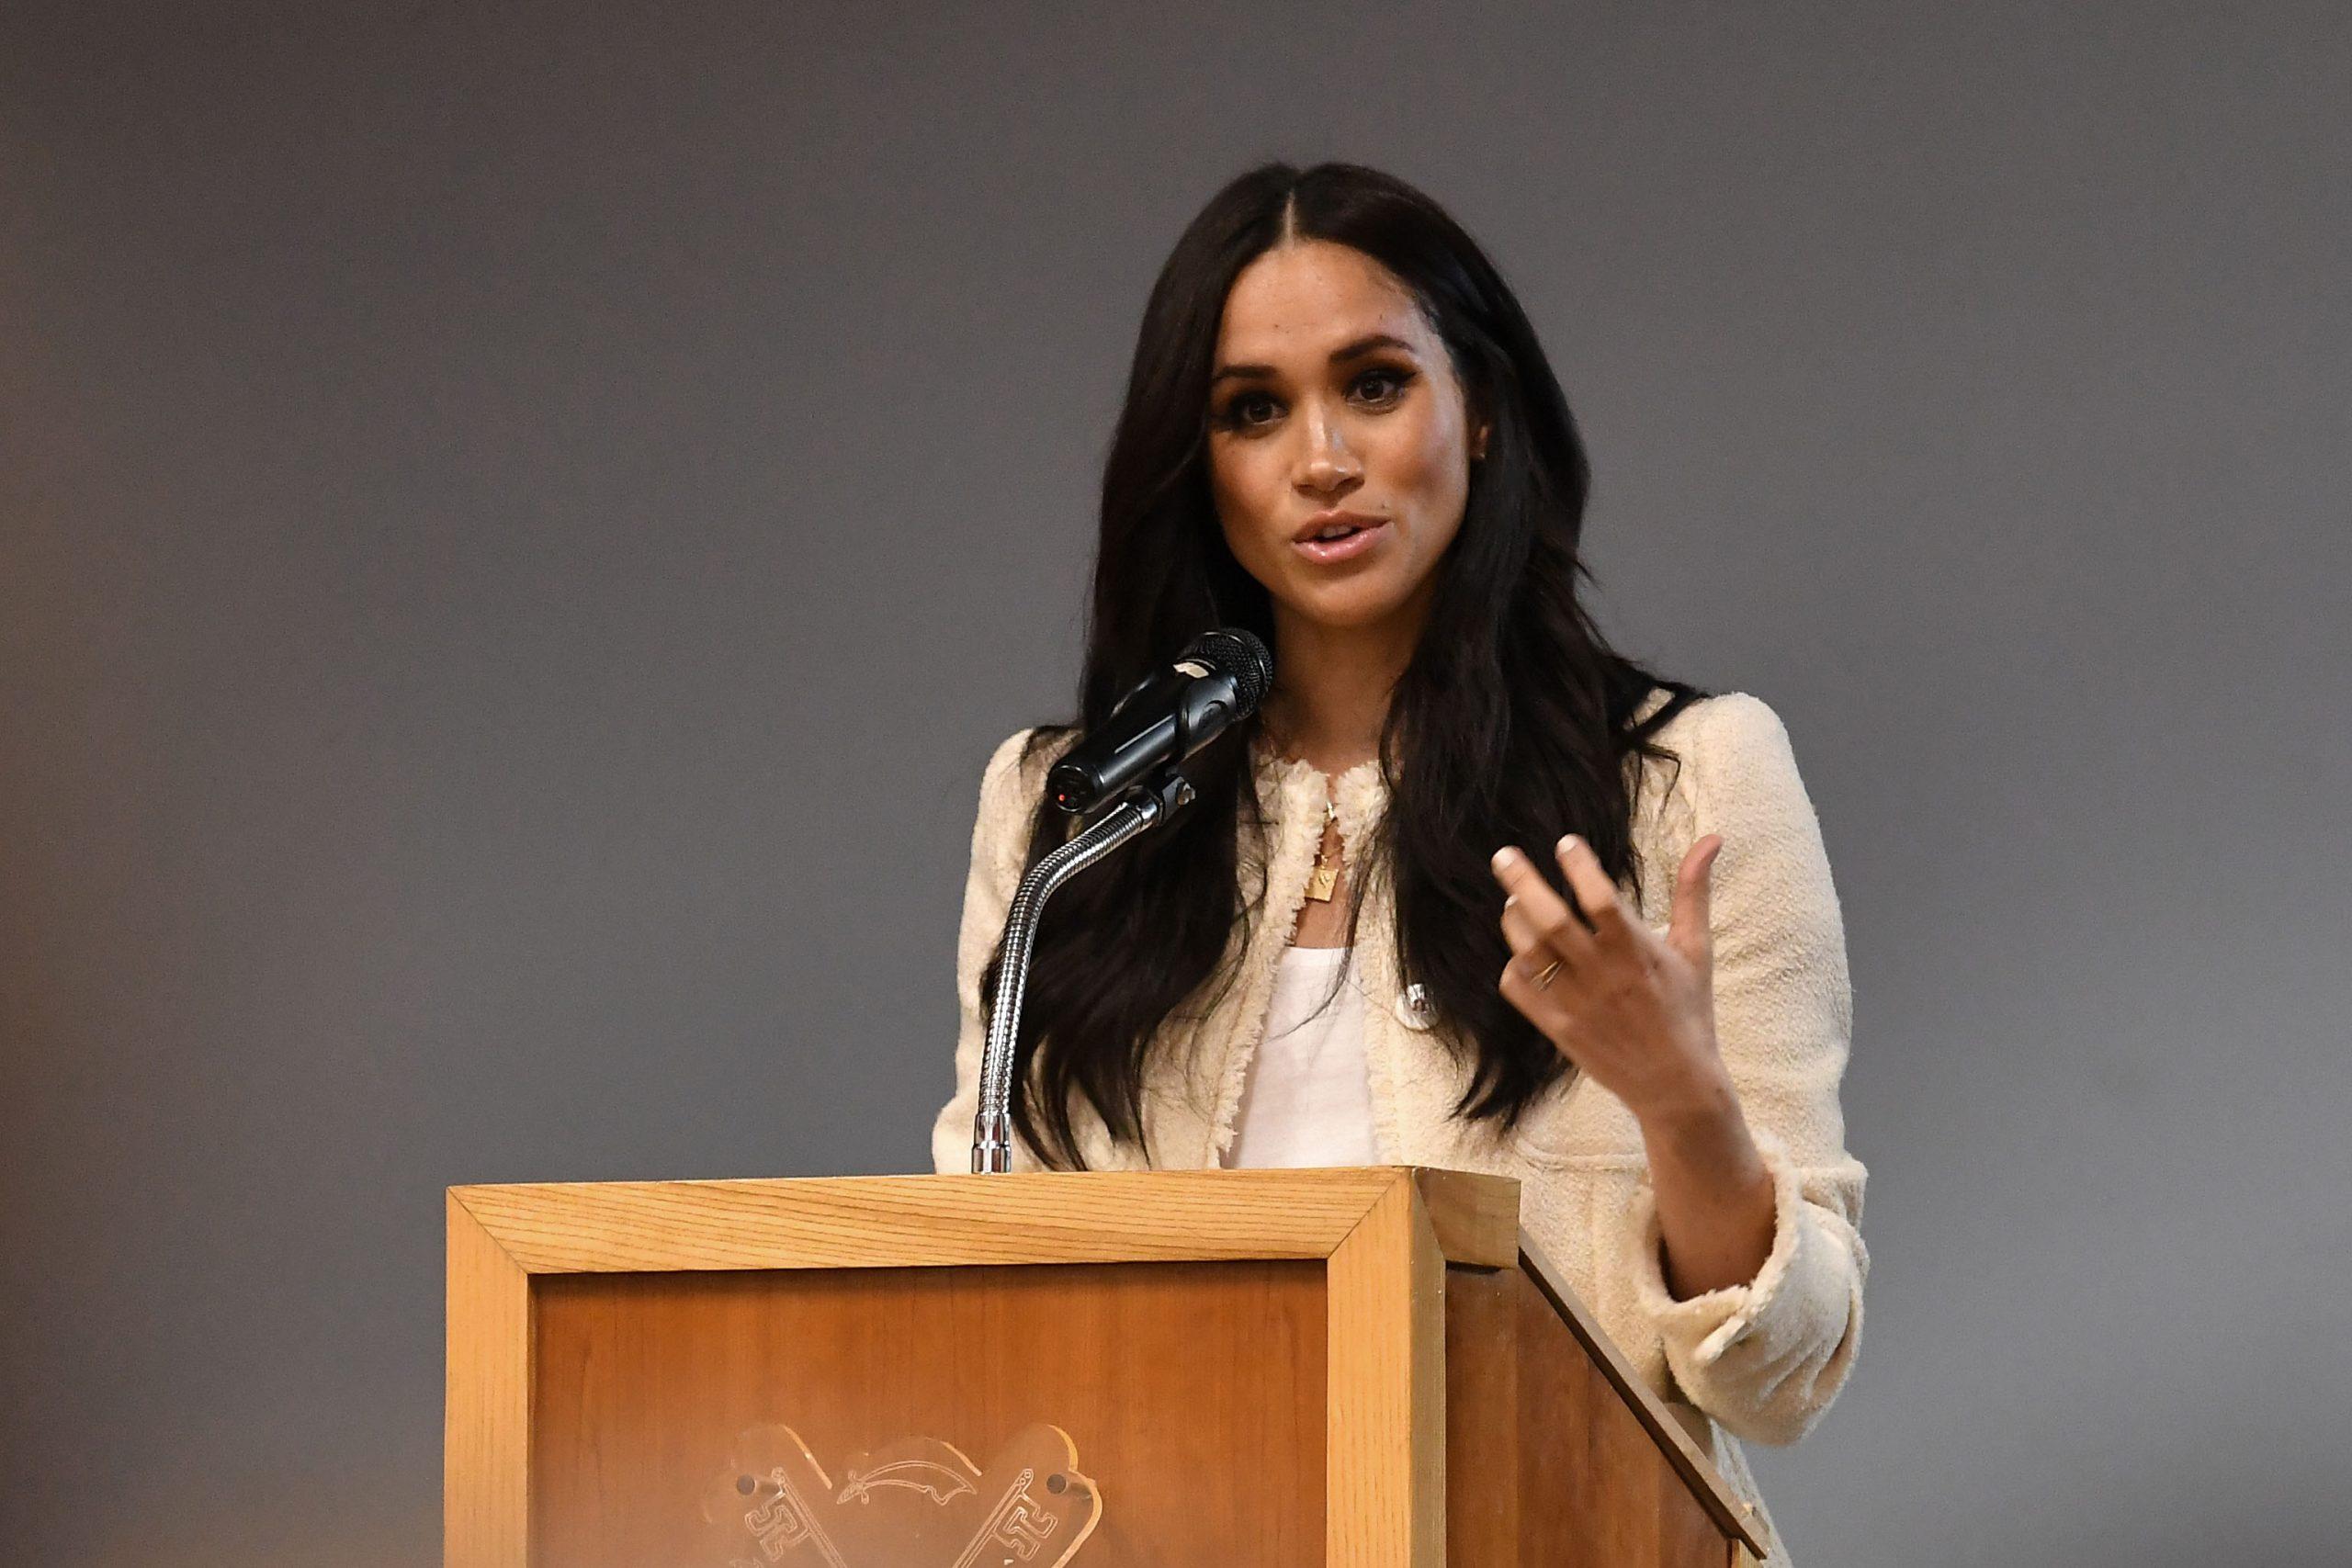 Meghan Markle speaking publicly